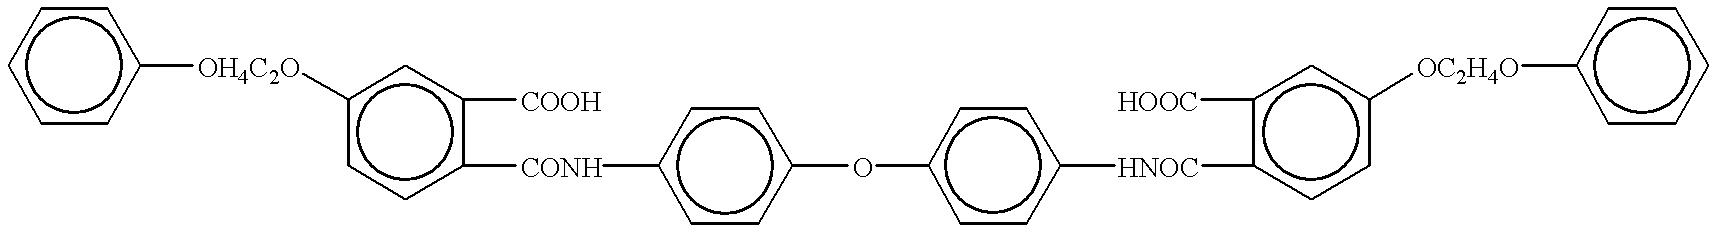 Figure US06180560-20010130-C00511